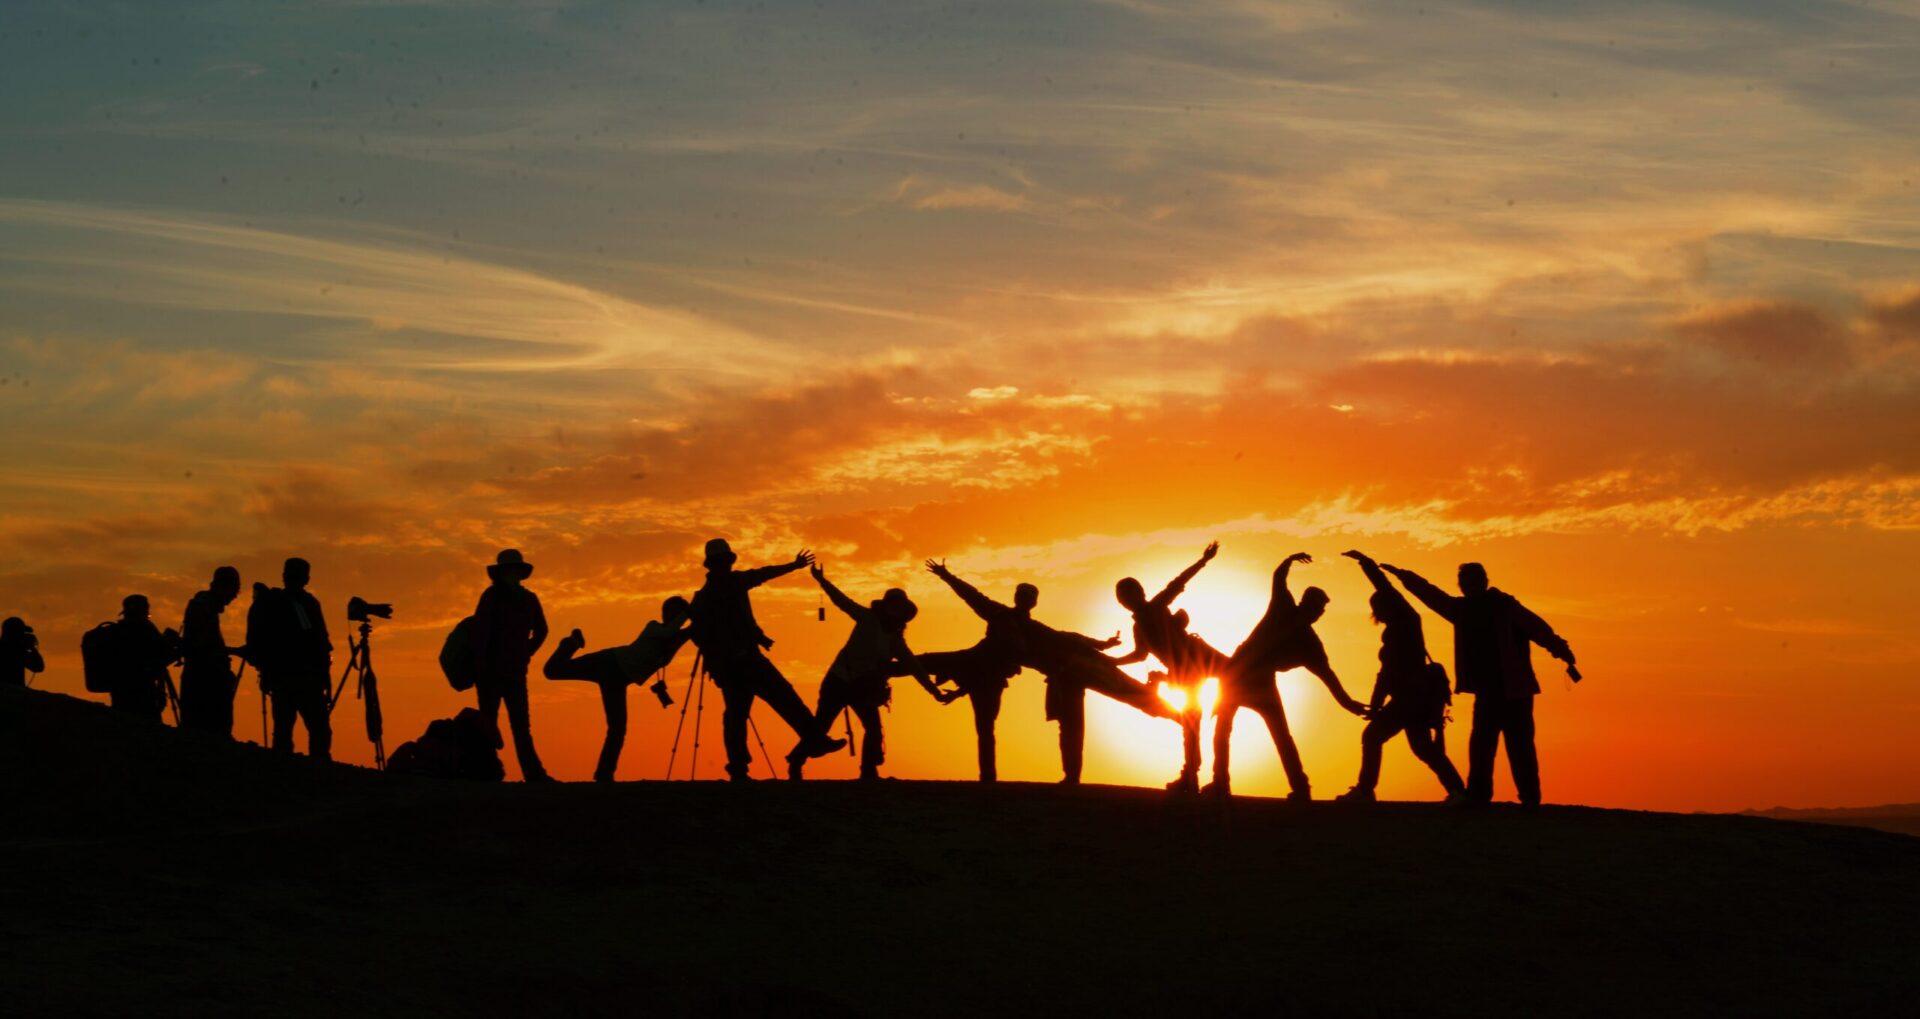 Κρόνος στον Υδροχόο και ο ρόλος μας μέσα σε ομάδες και παρέες